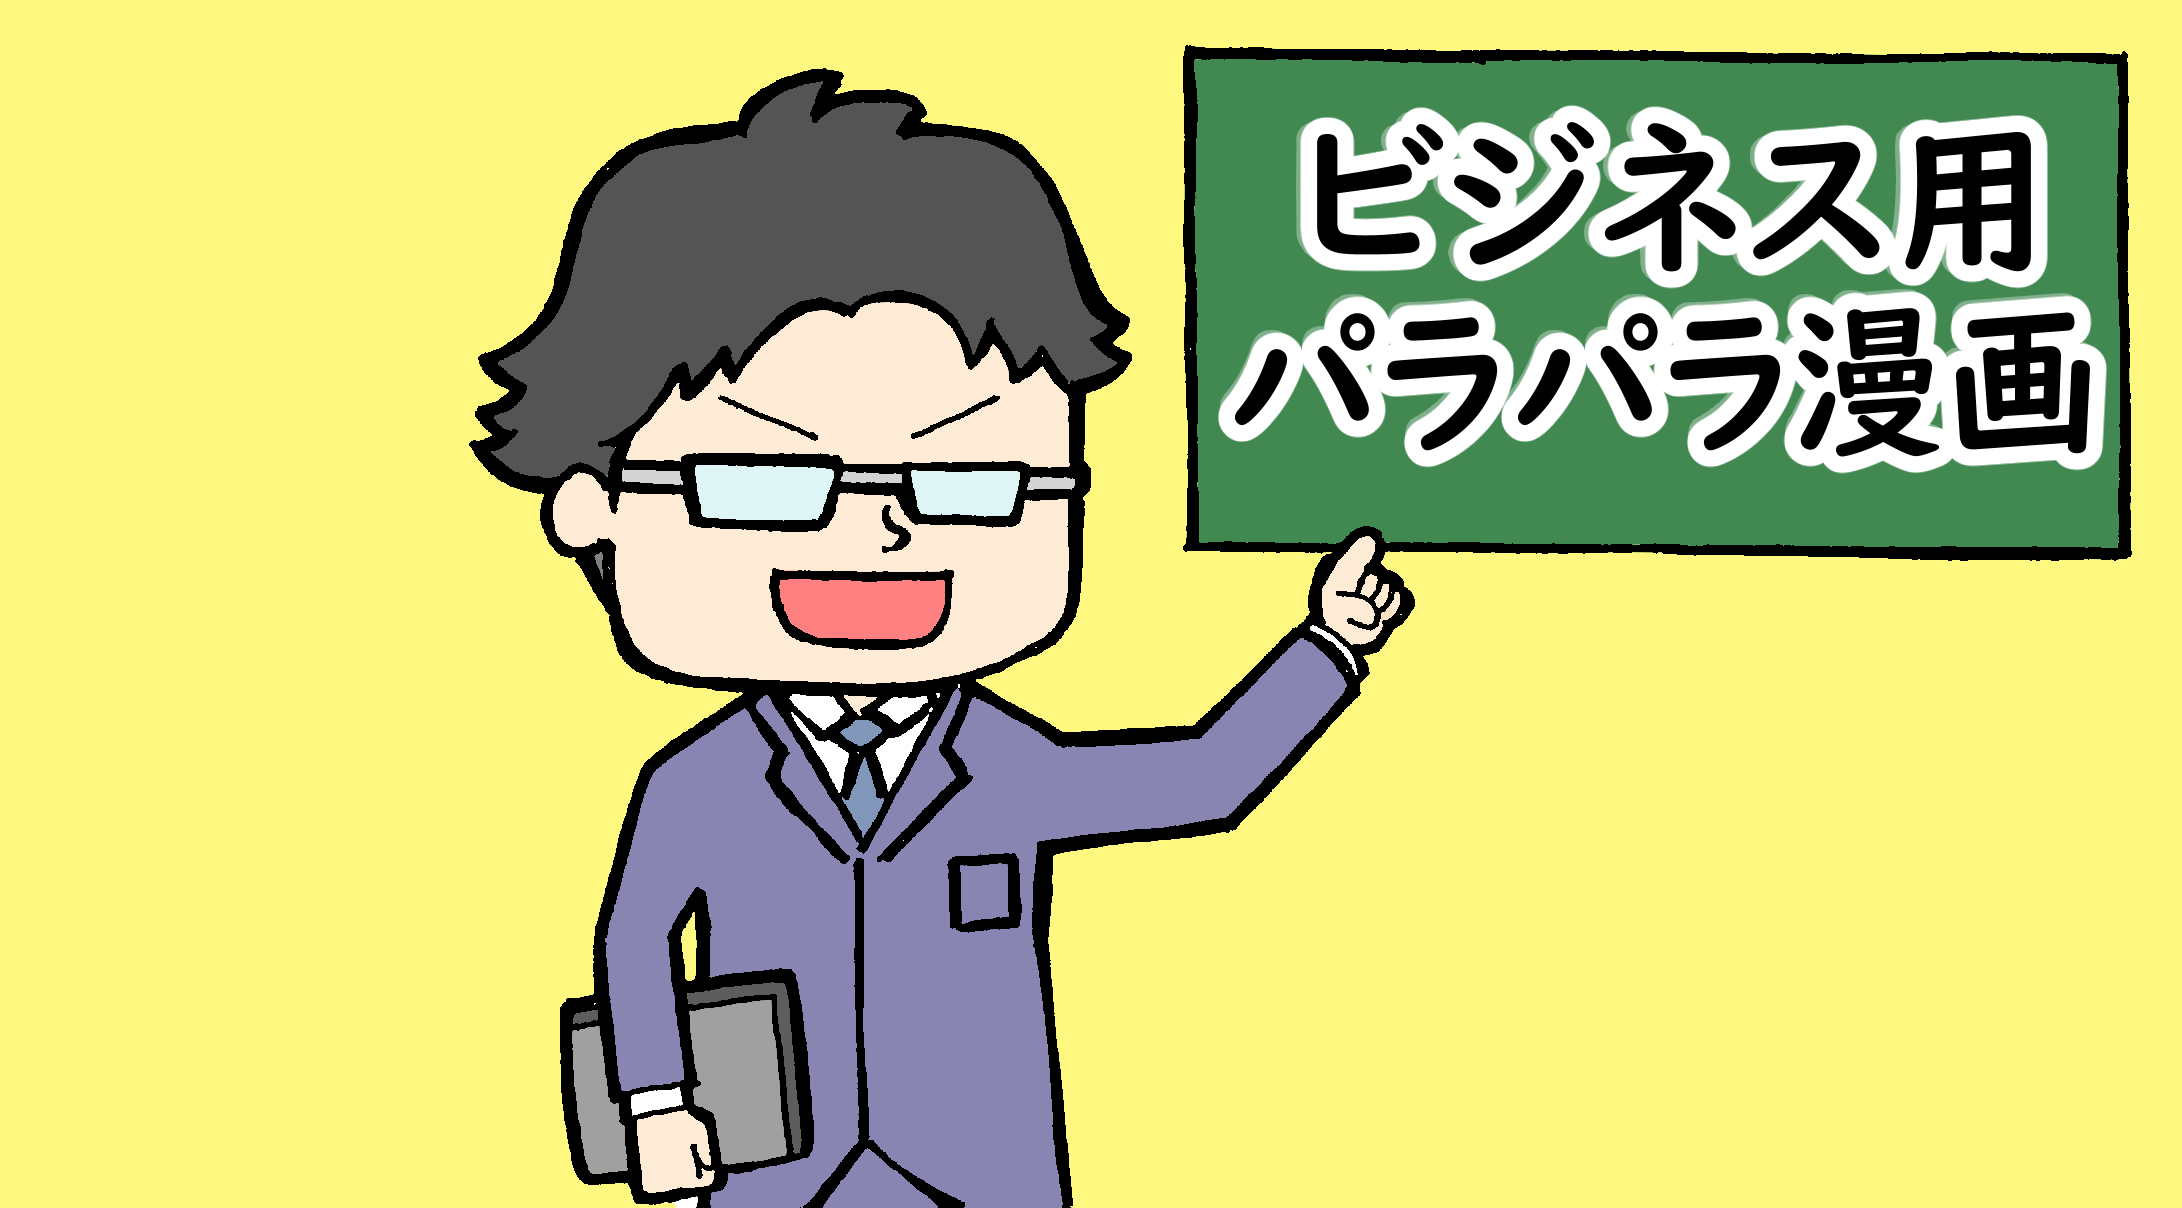 ビジネス用パラパラ漫画の画像